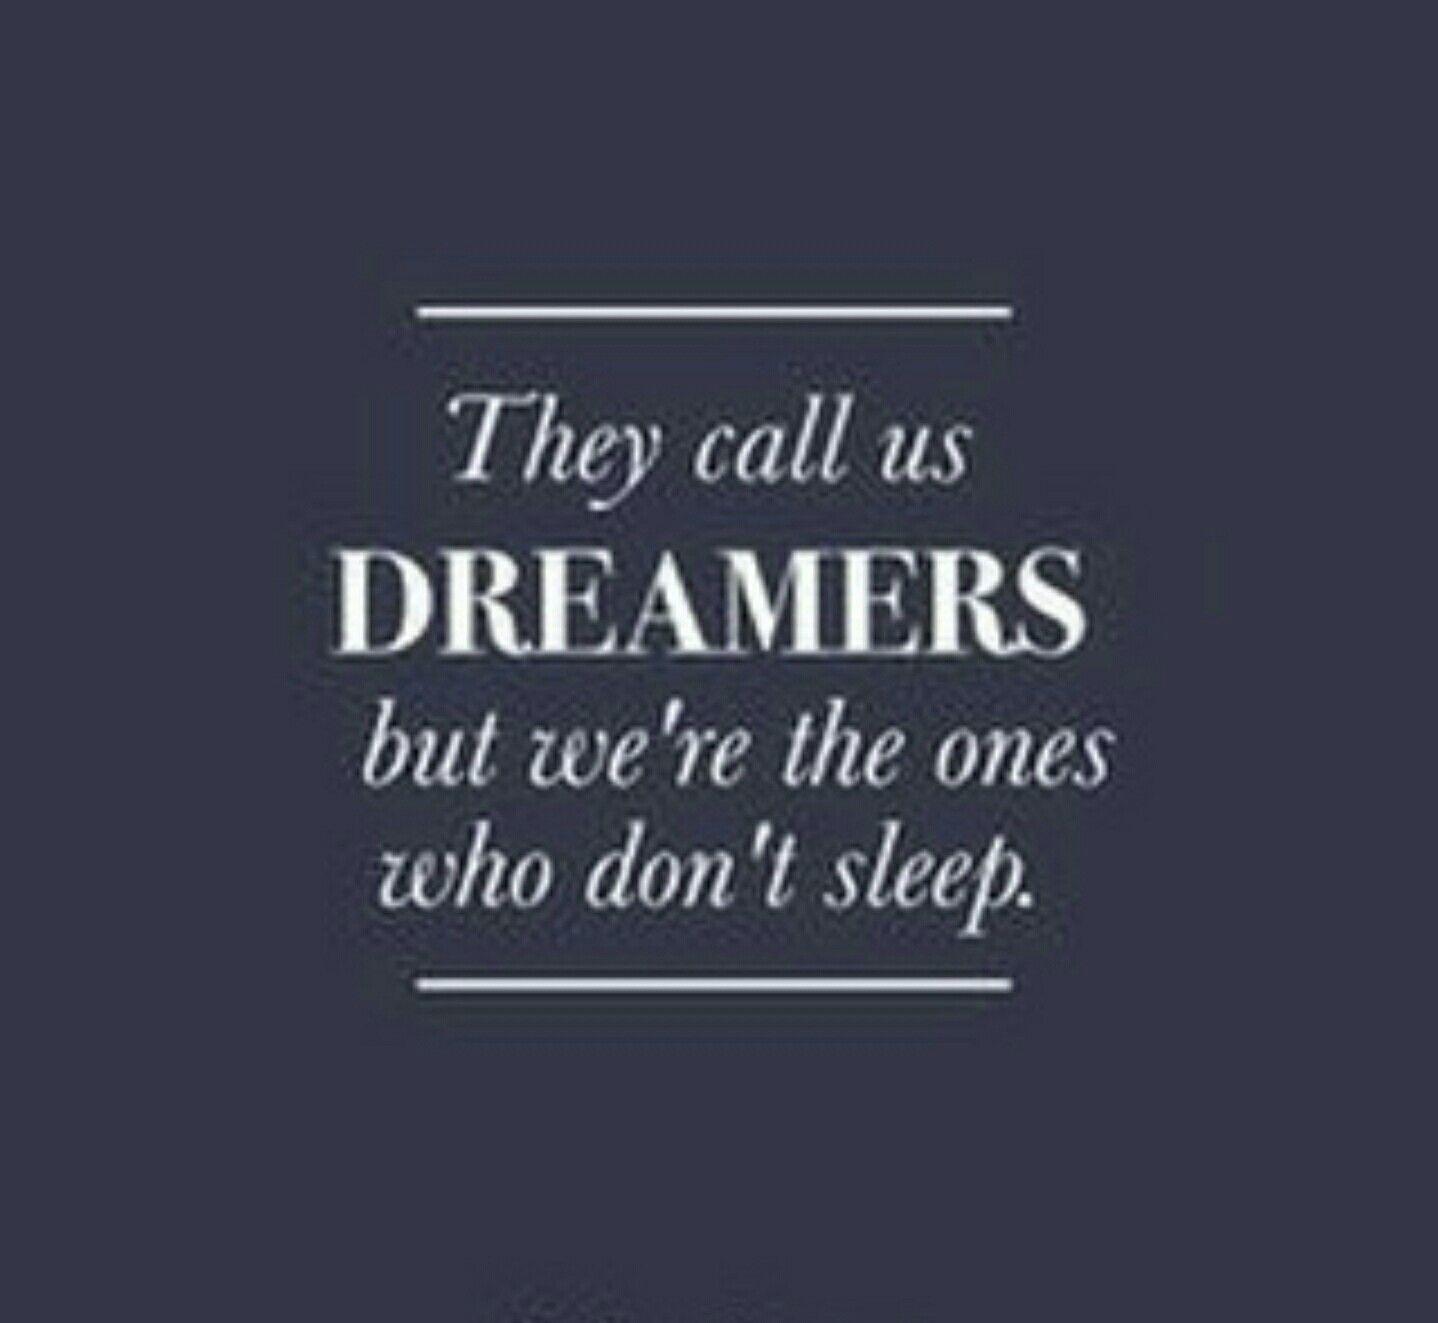 Pin by charlotte on dreamcatchers monday motivation